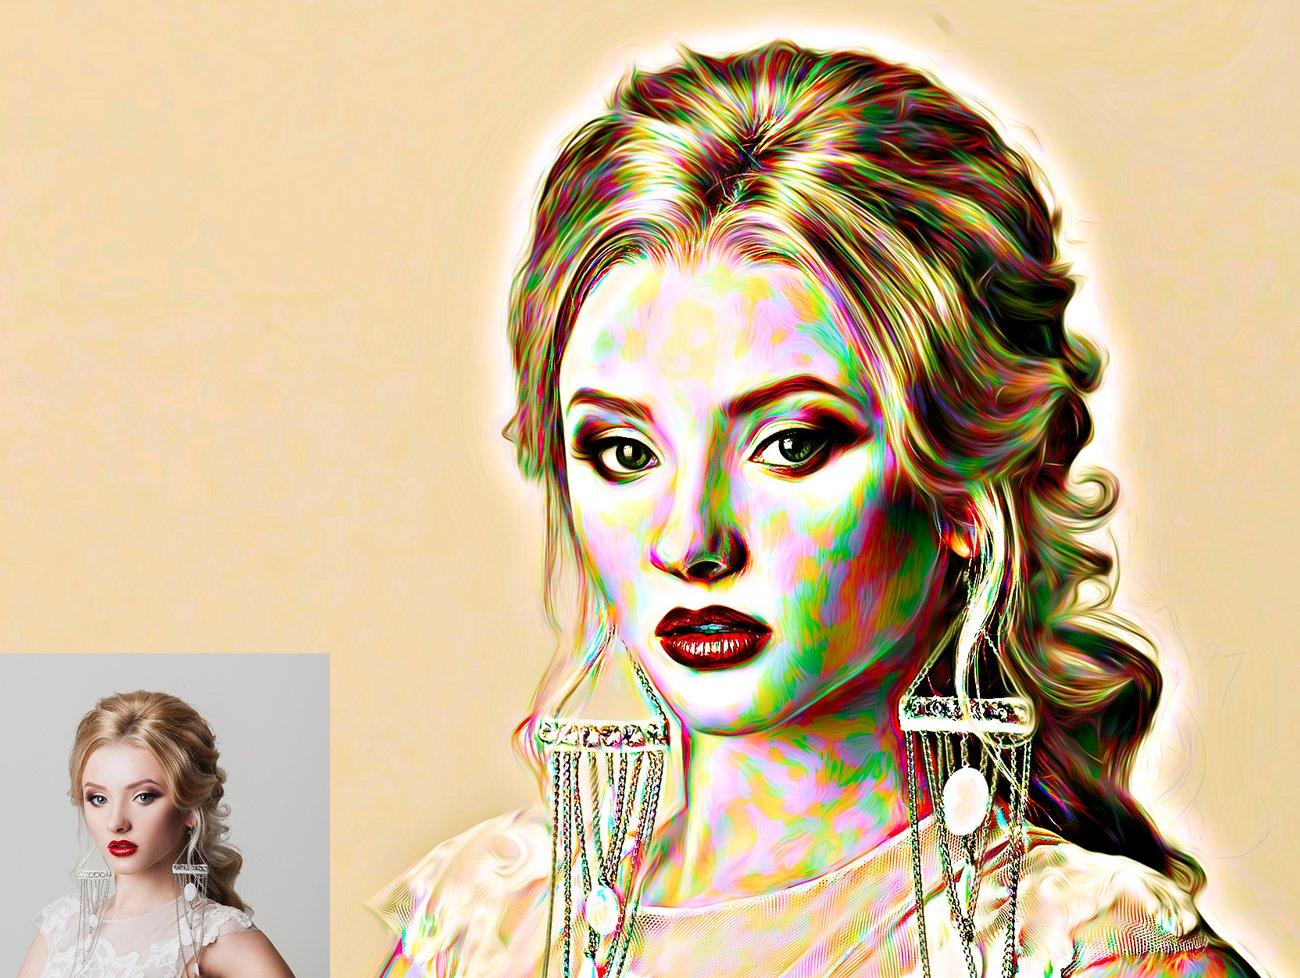 涂鸦艺术照片处理特效PS动作模板 Graffiti Art Photoshop Action插图7